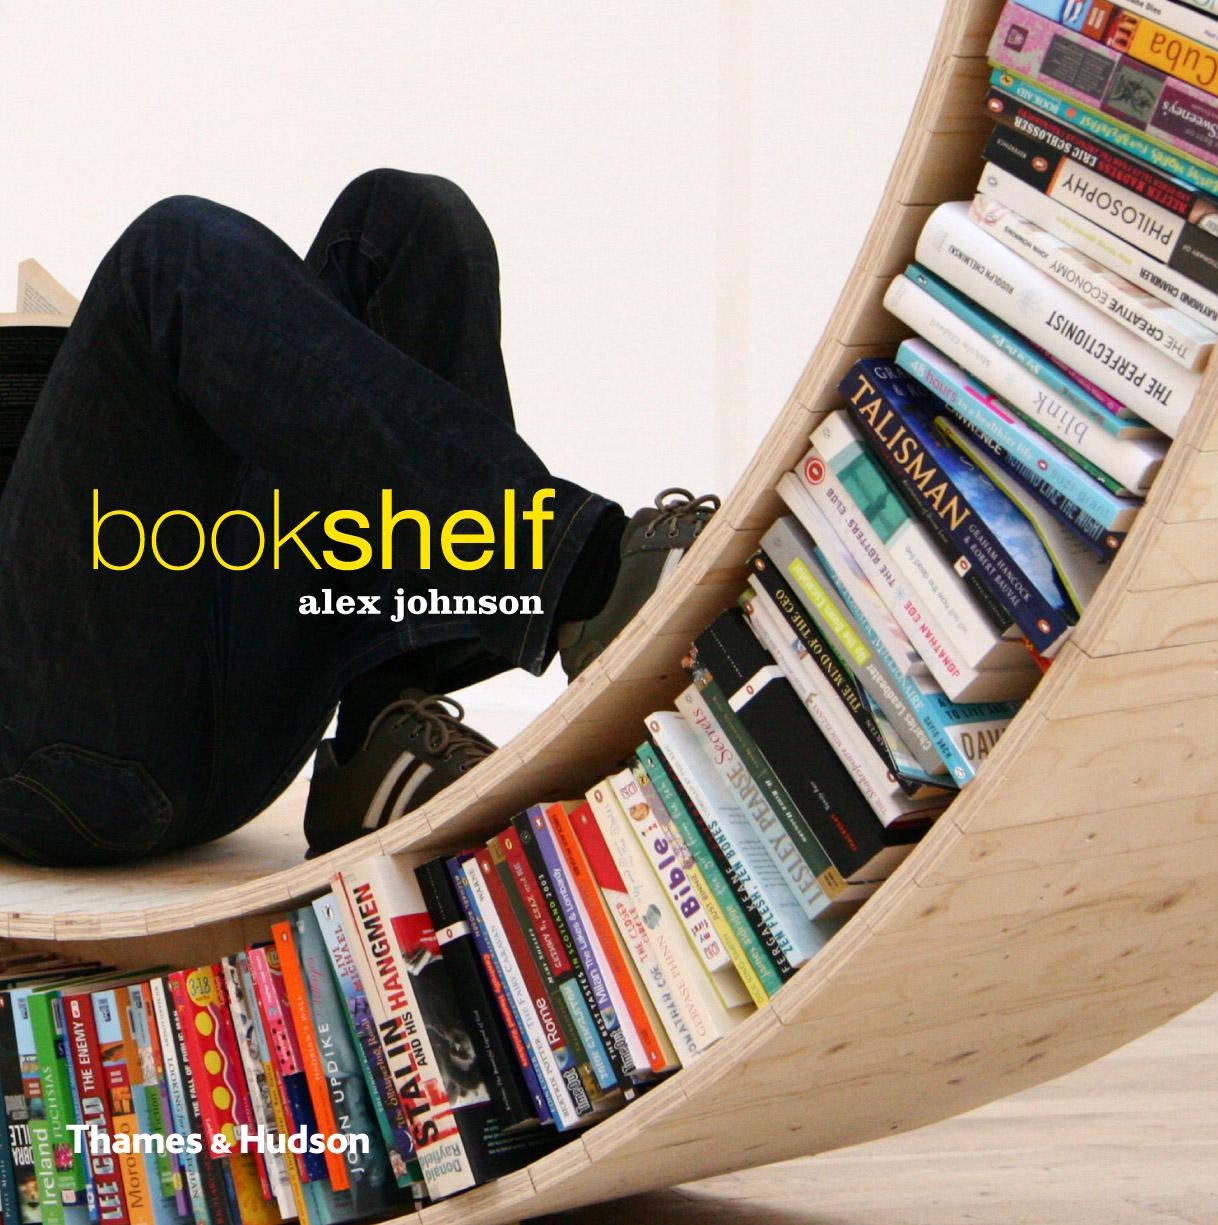 Bookshelf-9780500516140.jpg